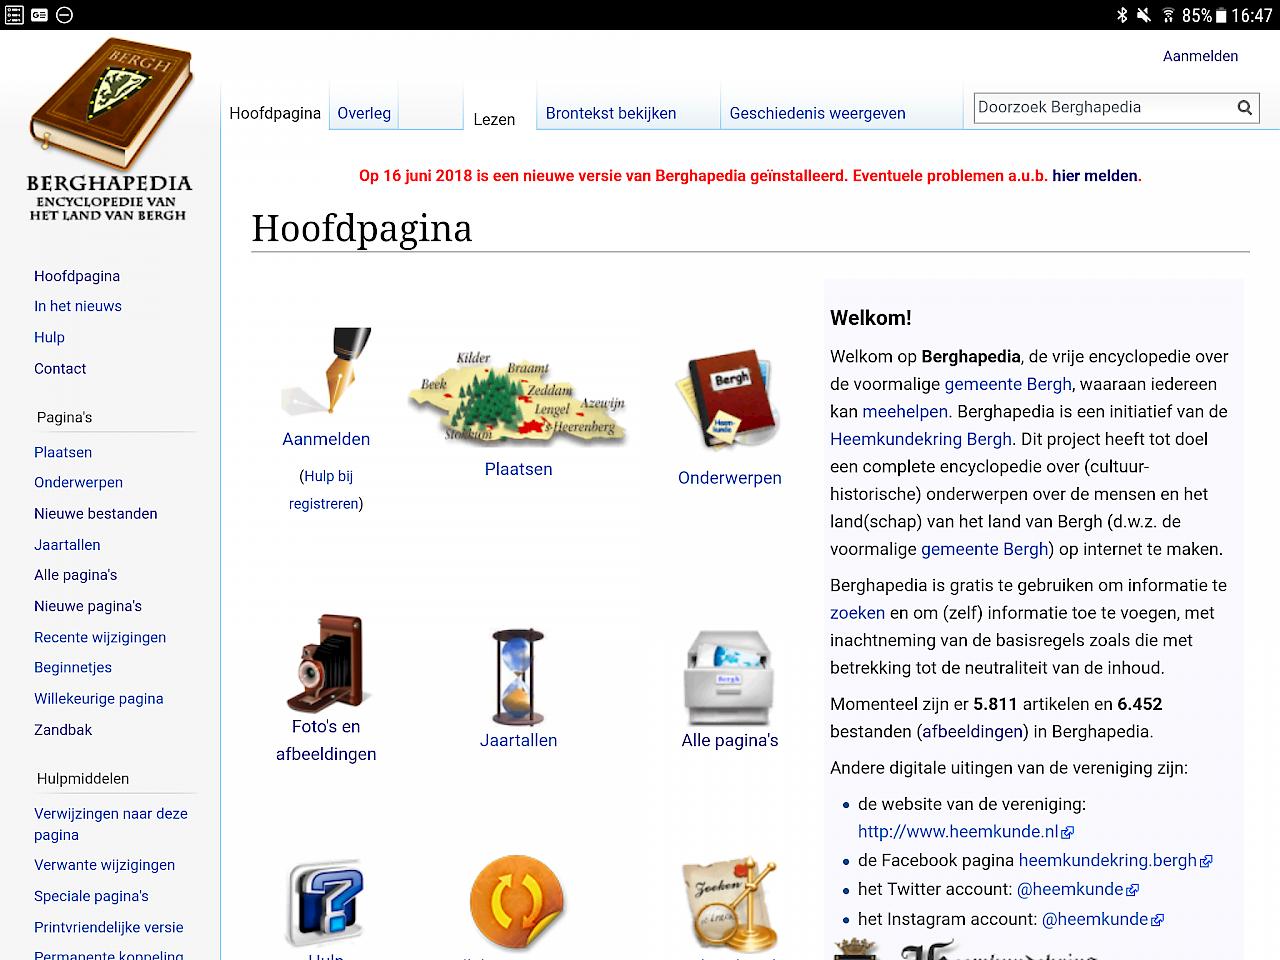 HKB Berghapedia is naar de nieuwe server verhuisd